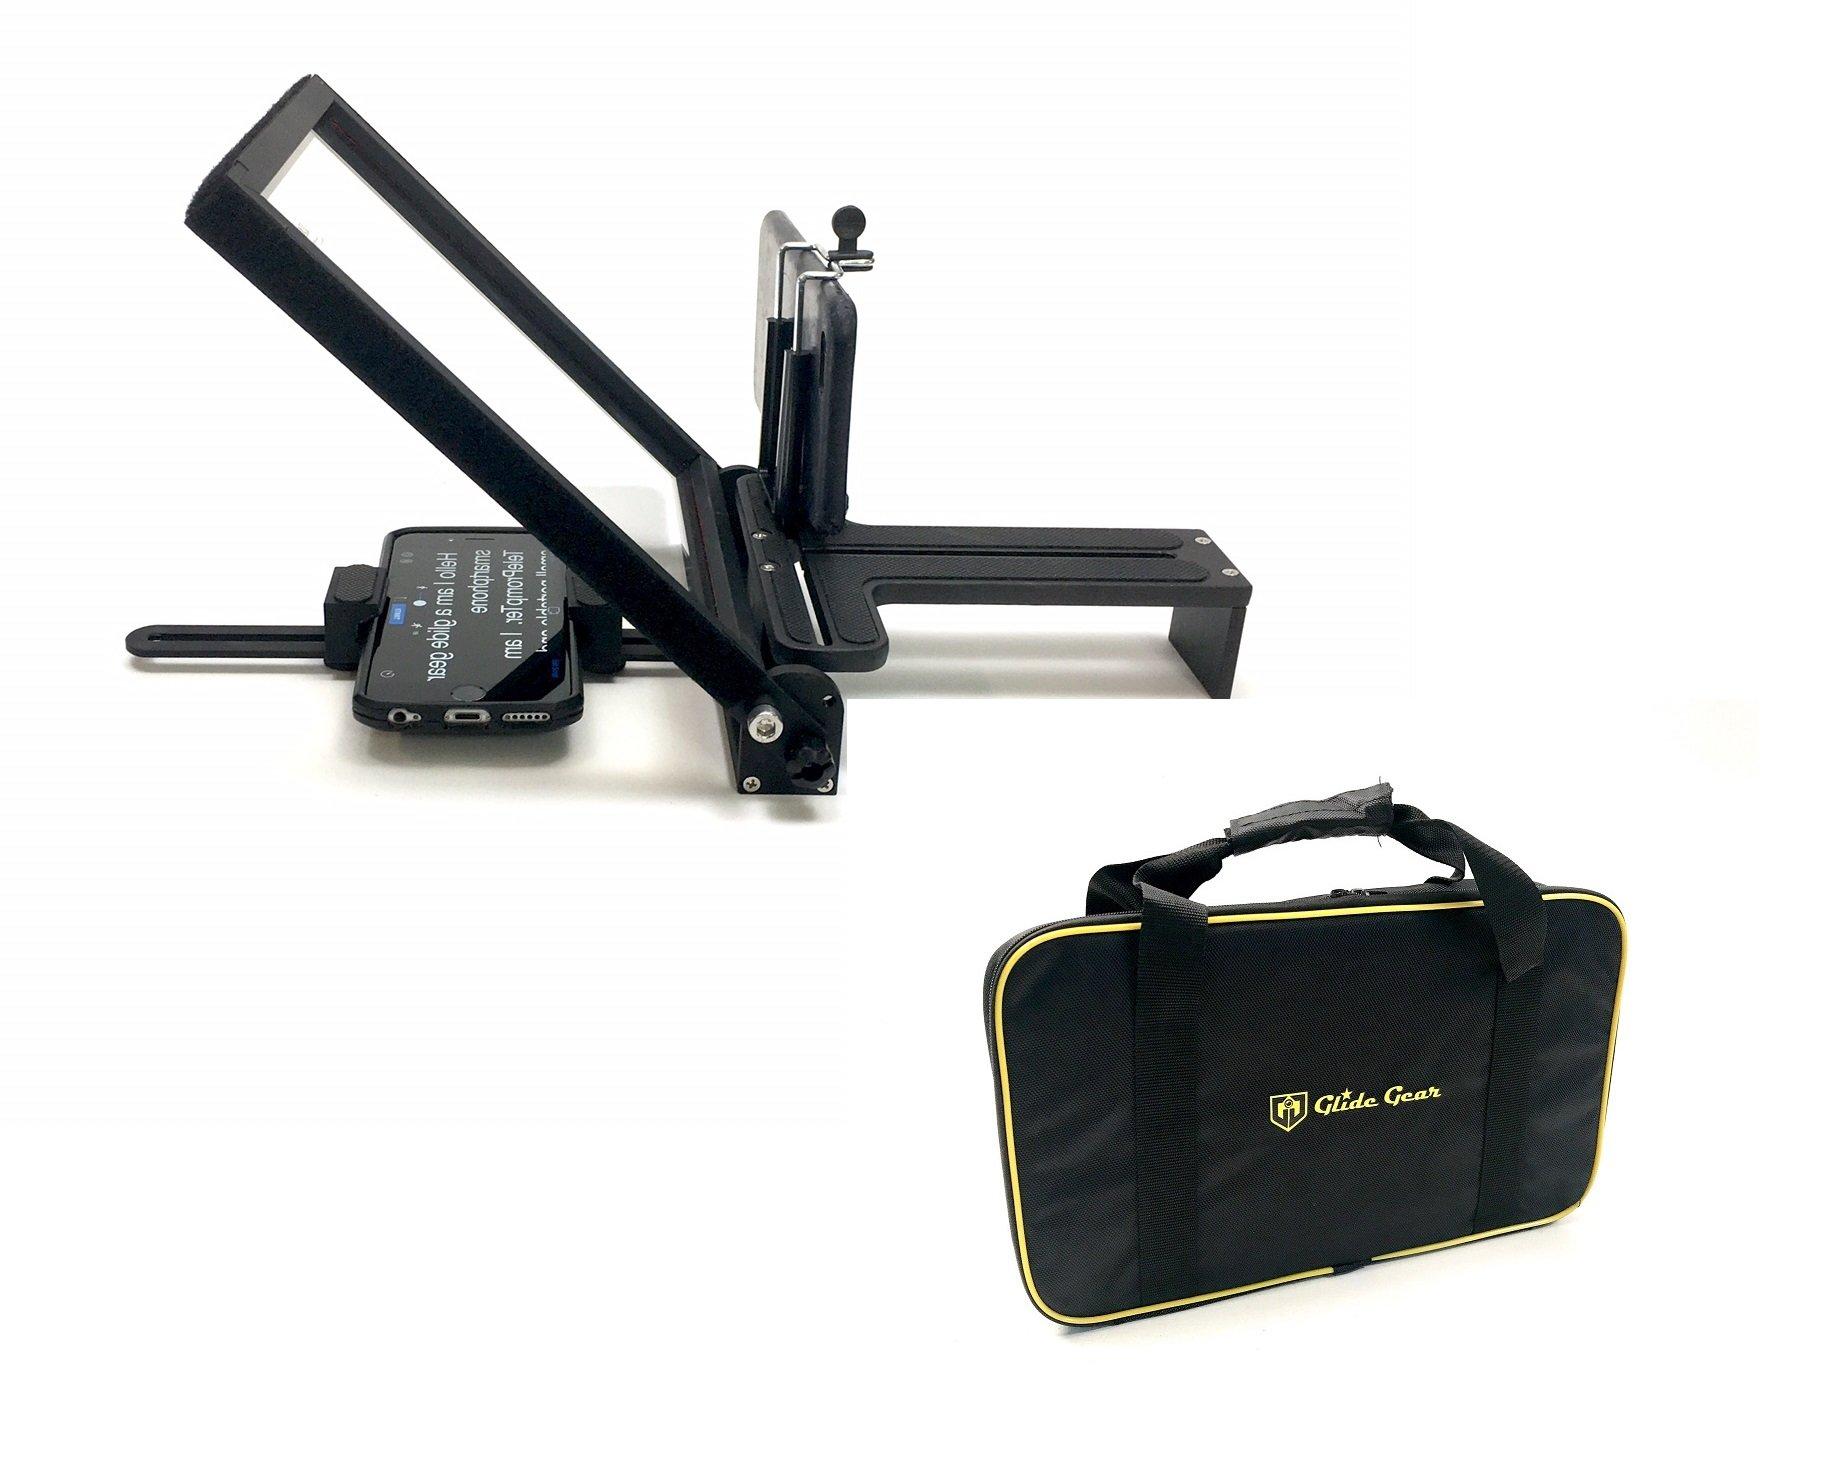 Glide Gear TMP 50 Adjustable Smartphone Mini Teleprompter by Glide Gear